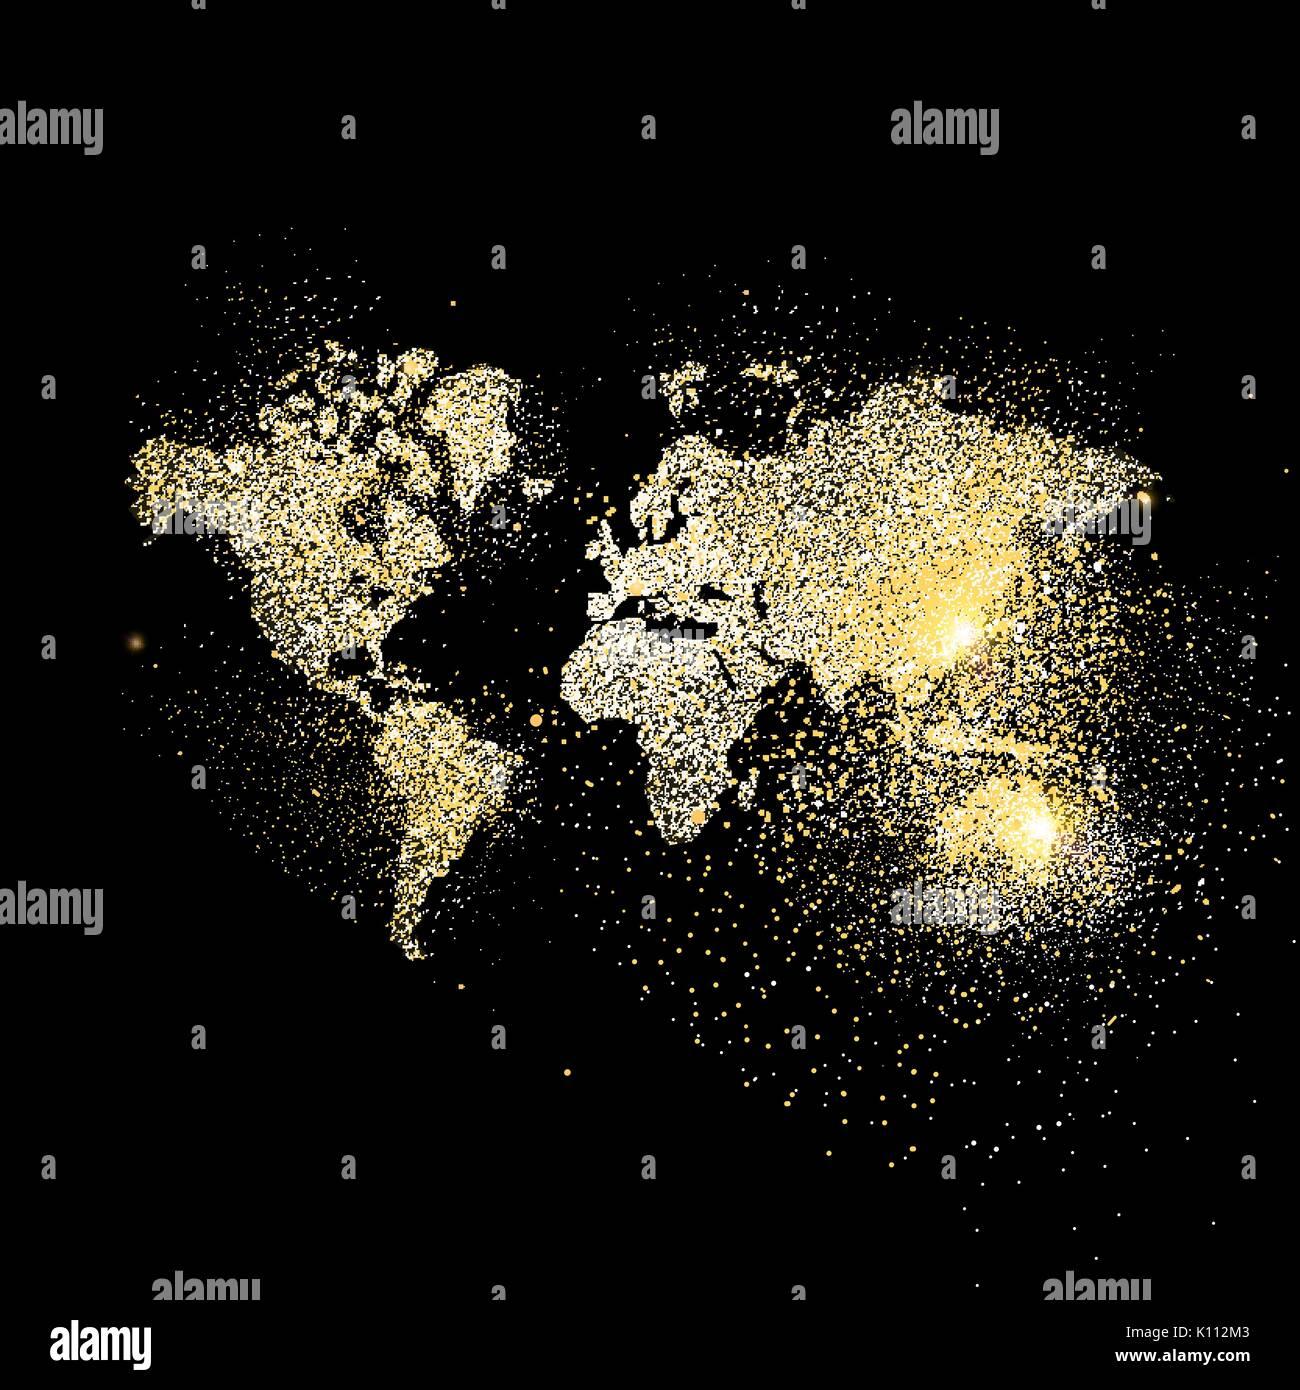 World map symbol concept illustration gold planet geography icon world map symbol concept illustration gold planet geography icon made of realistic golden glitter dust on black background eps10 vector gumiabroncs Images